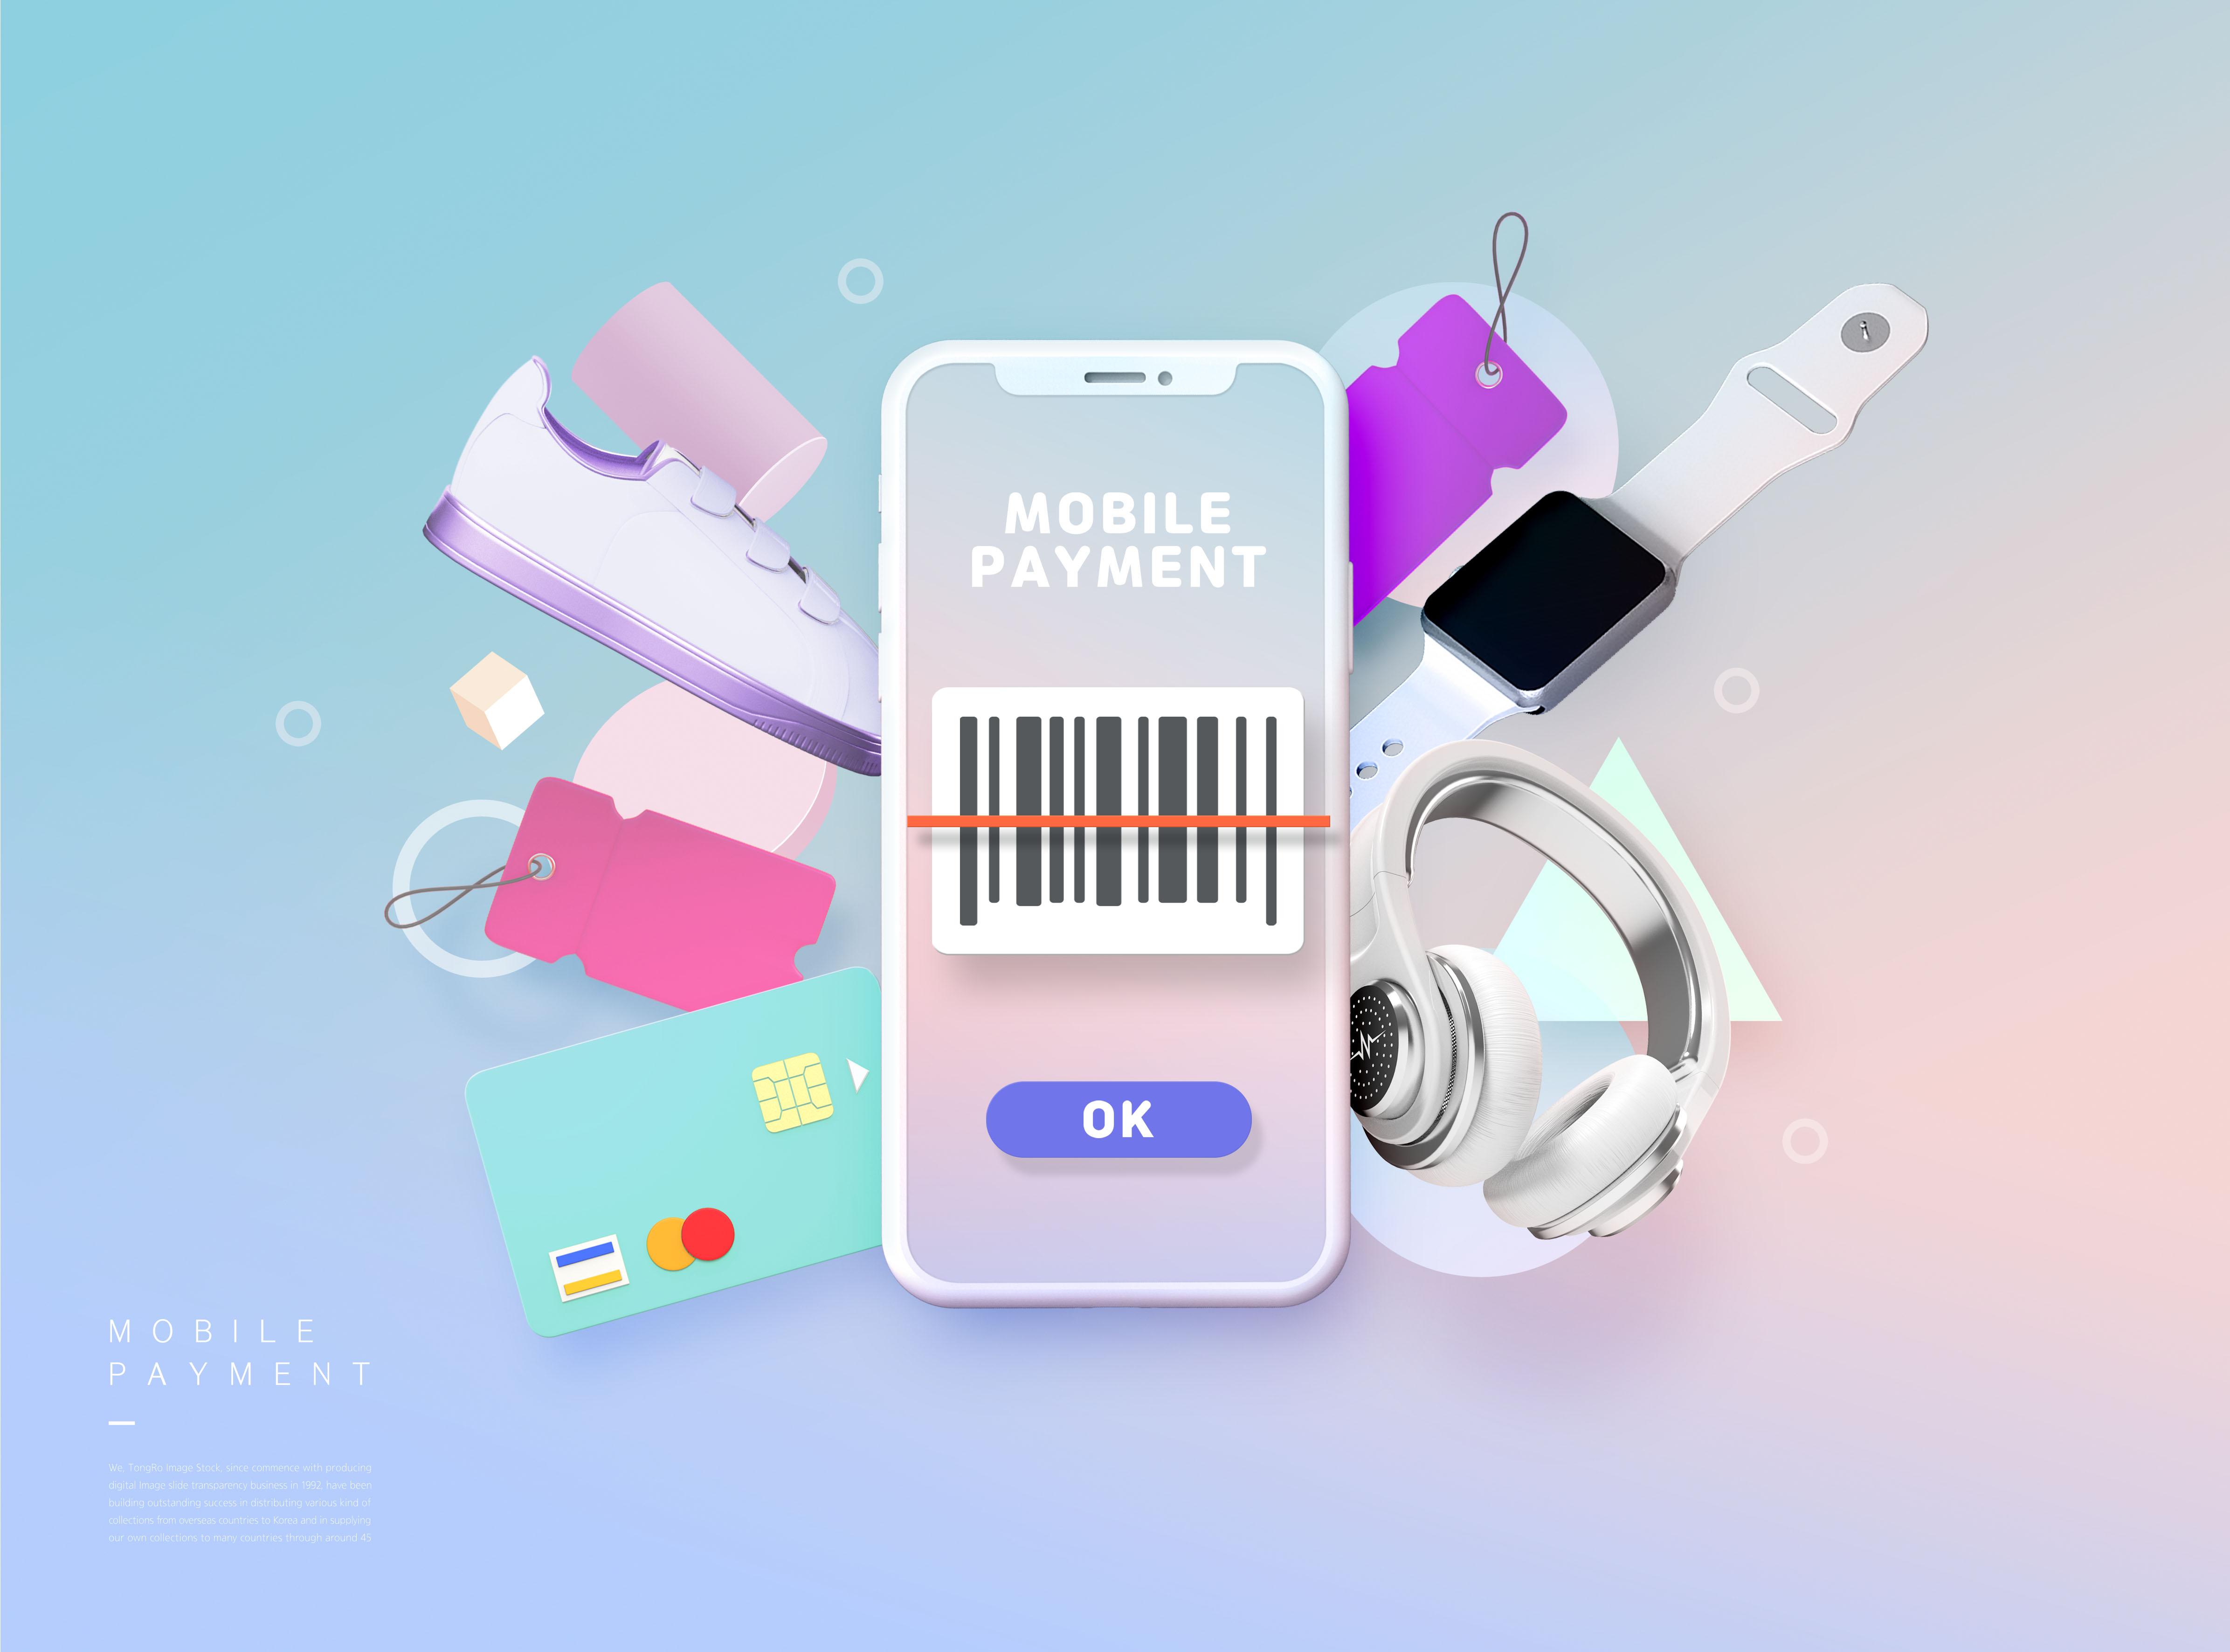 [单独购买] 14款时尚卡通手机购物促销电商海报设计PSD模板素材 Cartoon Shopping Poster插图4